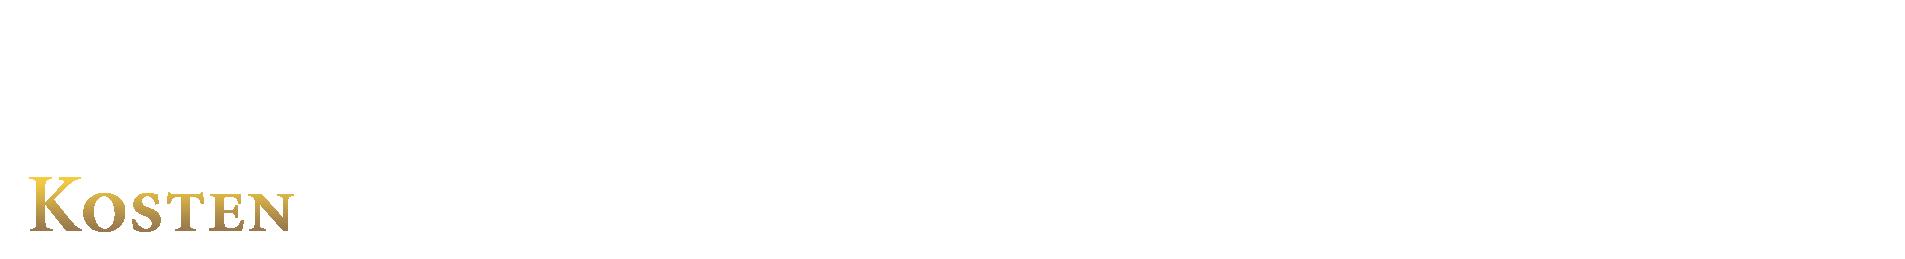 tekst-banner-kosten